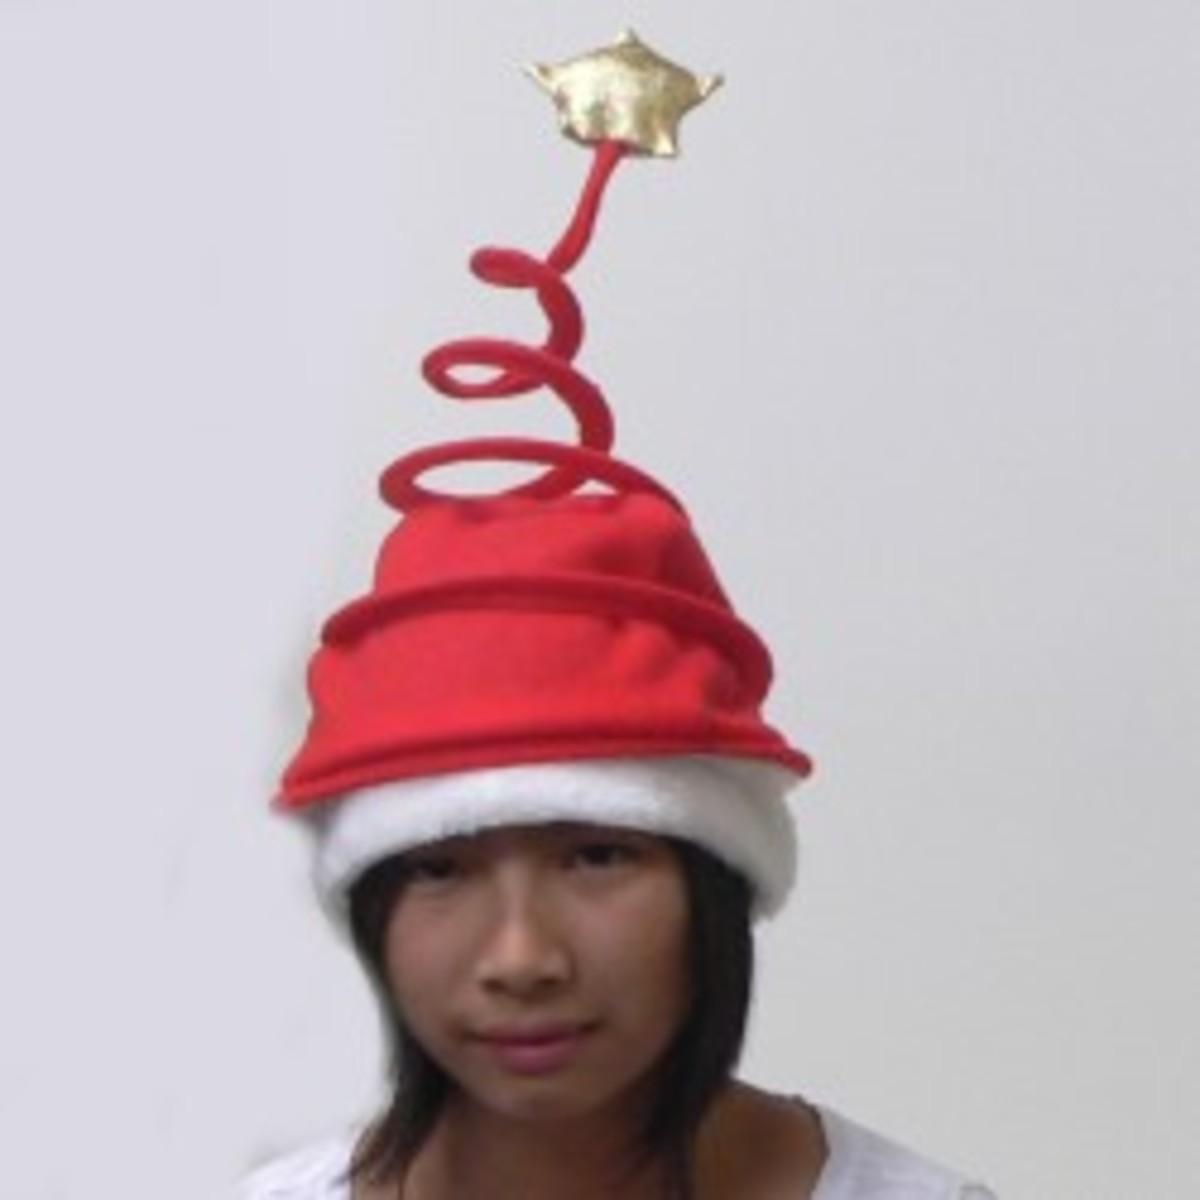 Screw Hats